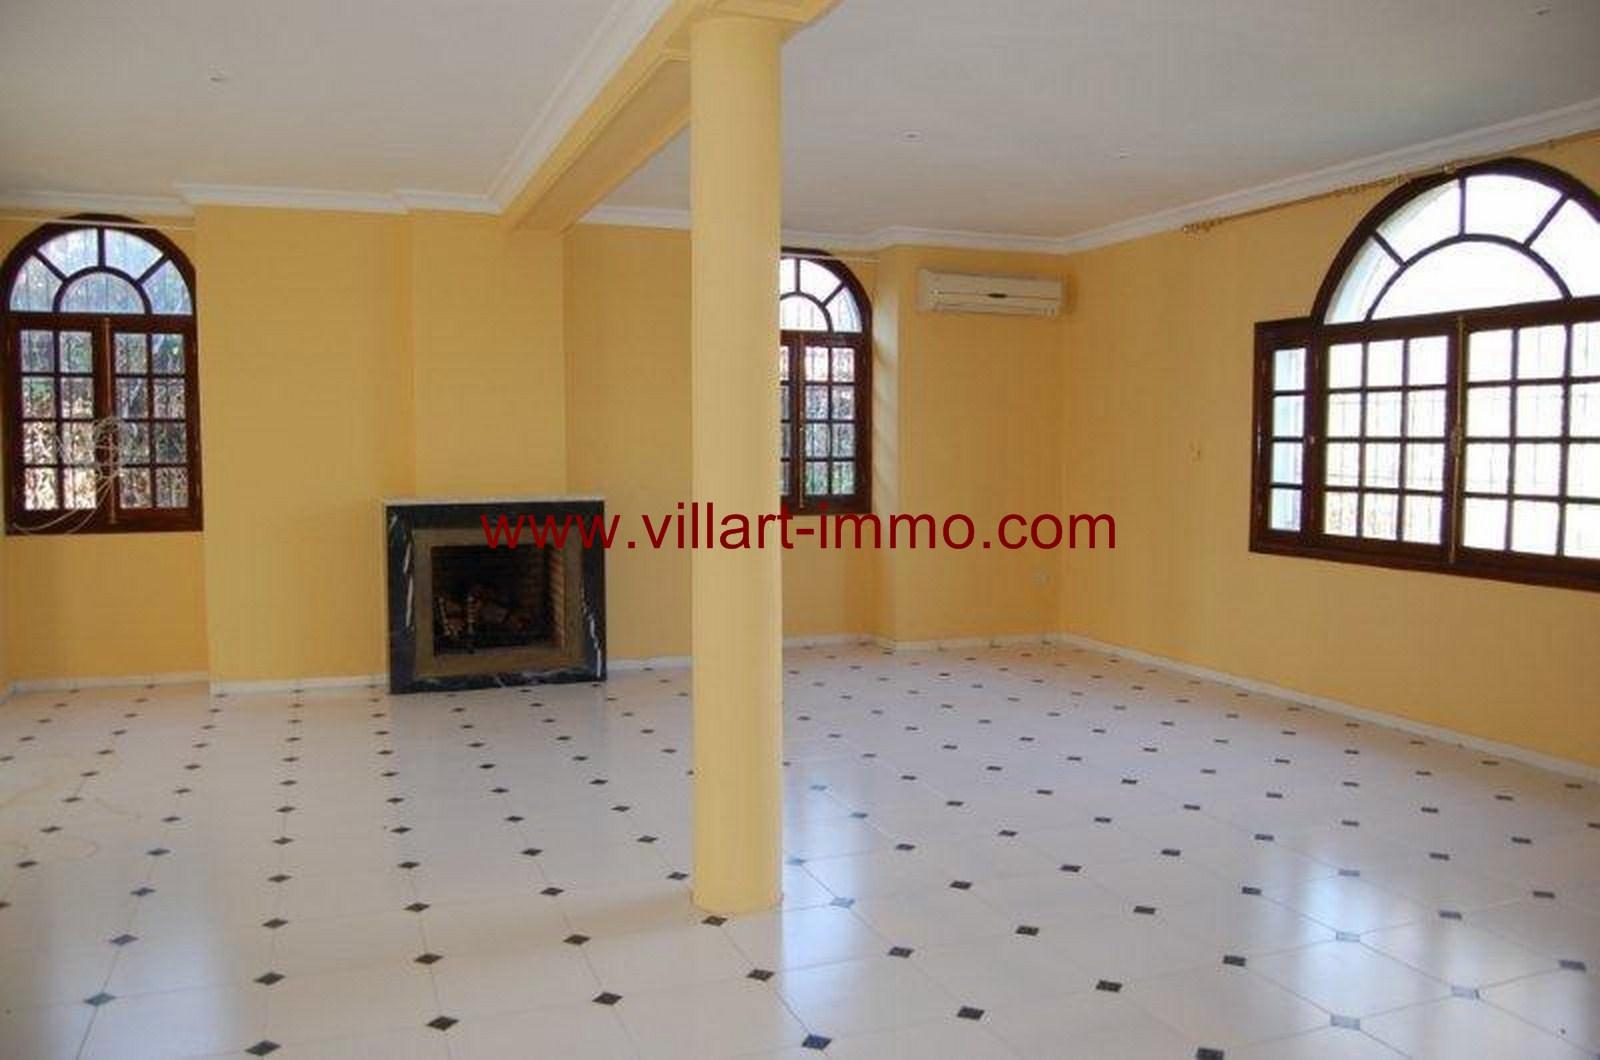 7-vente-villa-tanger-boubana-salon-1-vv363-villart-immo